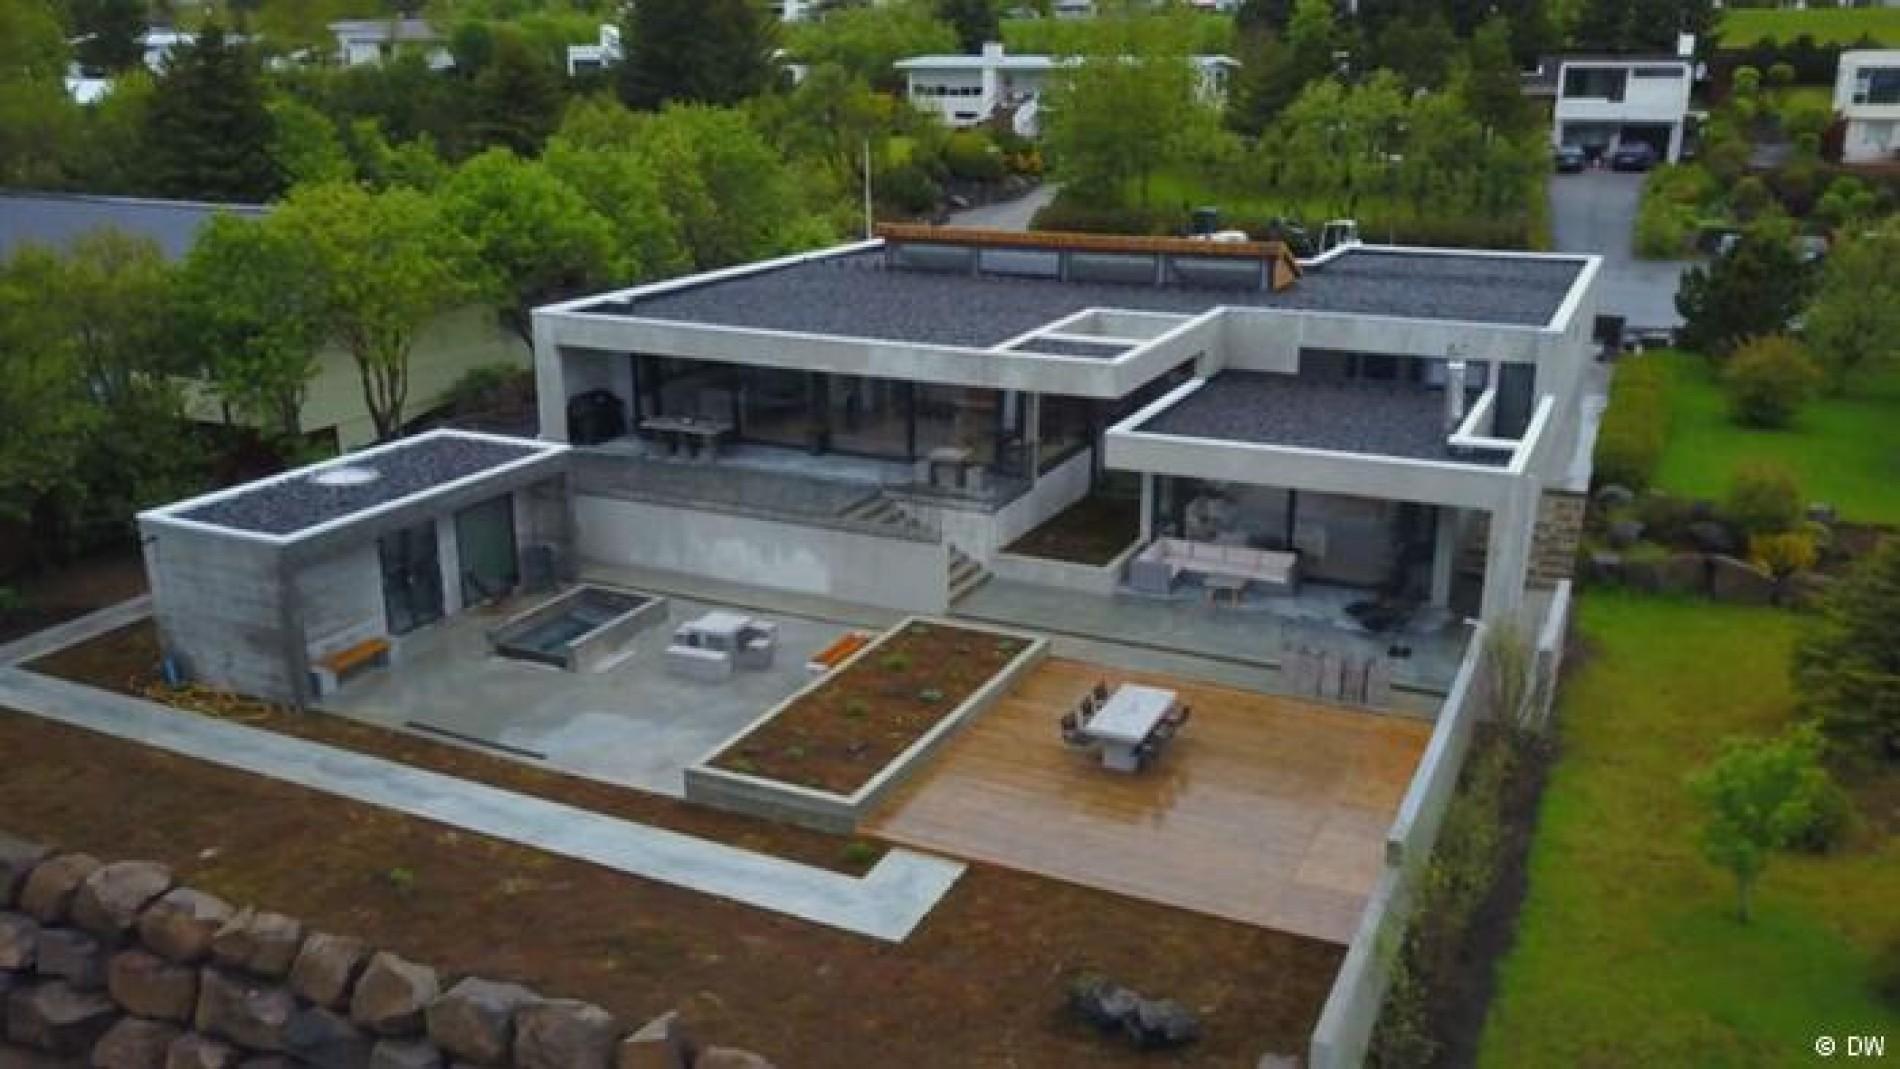 Architekten Bungalow rejkjavik: ein 60er-jahre-bungalow in modern